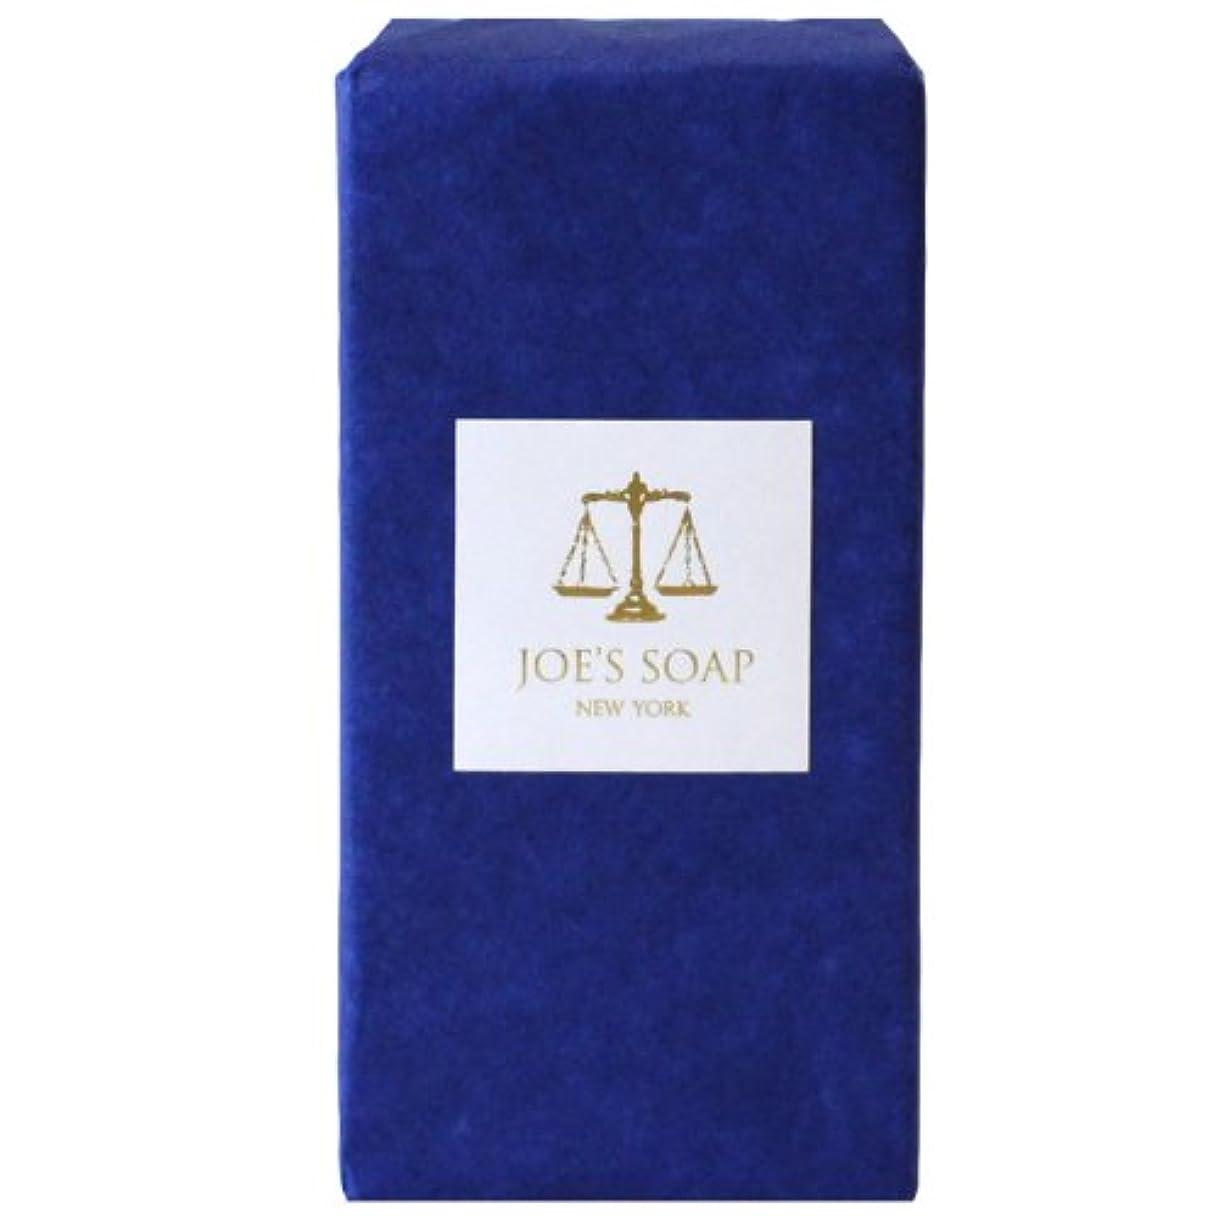 治療社説タバコJOE'S SOAP ジョーズソープ オリーブソープ NO.5 LAVENDER 100g ラベンダー 石鹸 無香料 無添加 オーガニックソープ 洗顔料 オリーブ石けん せっけん 固形 定形外郵便